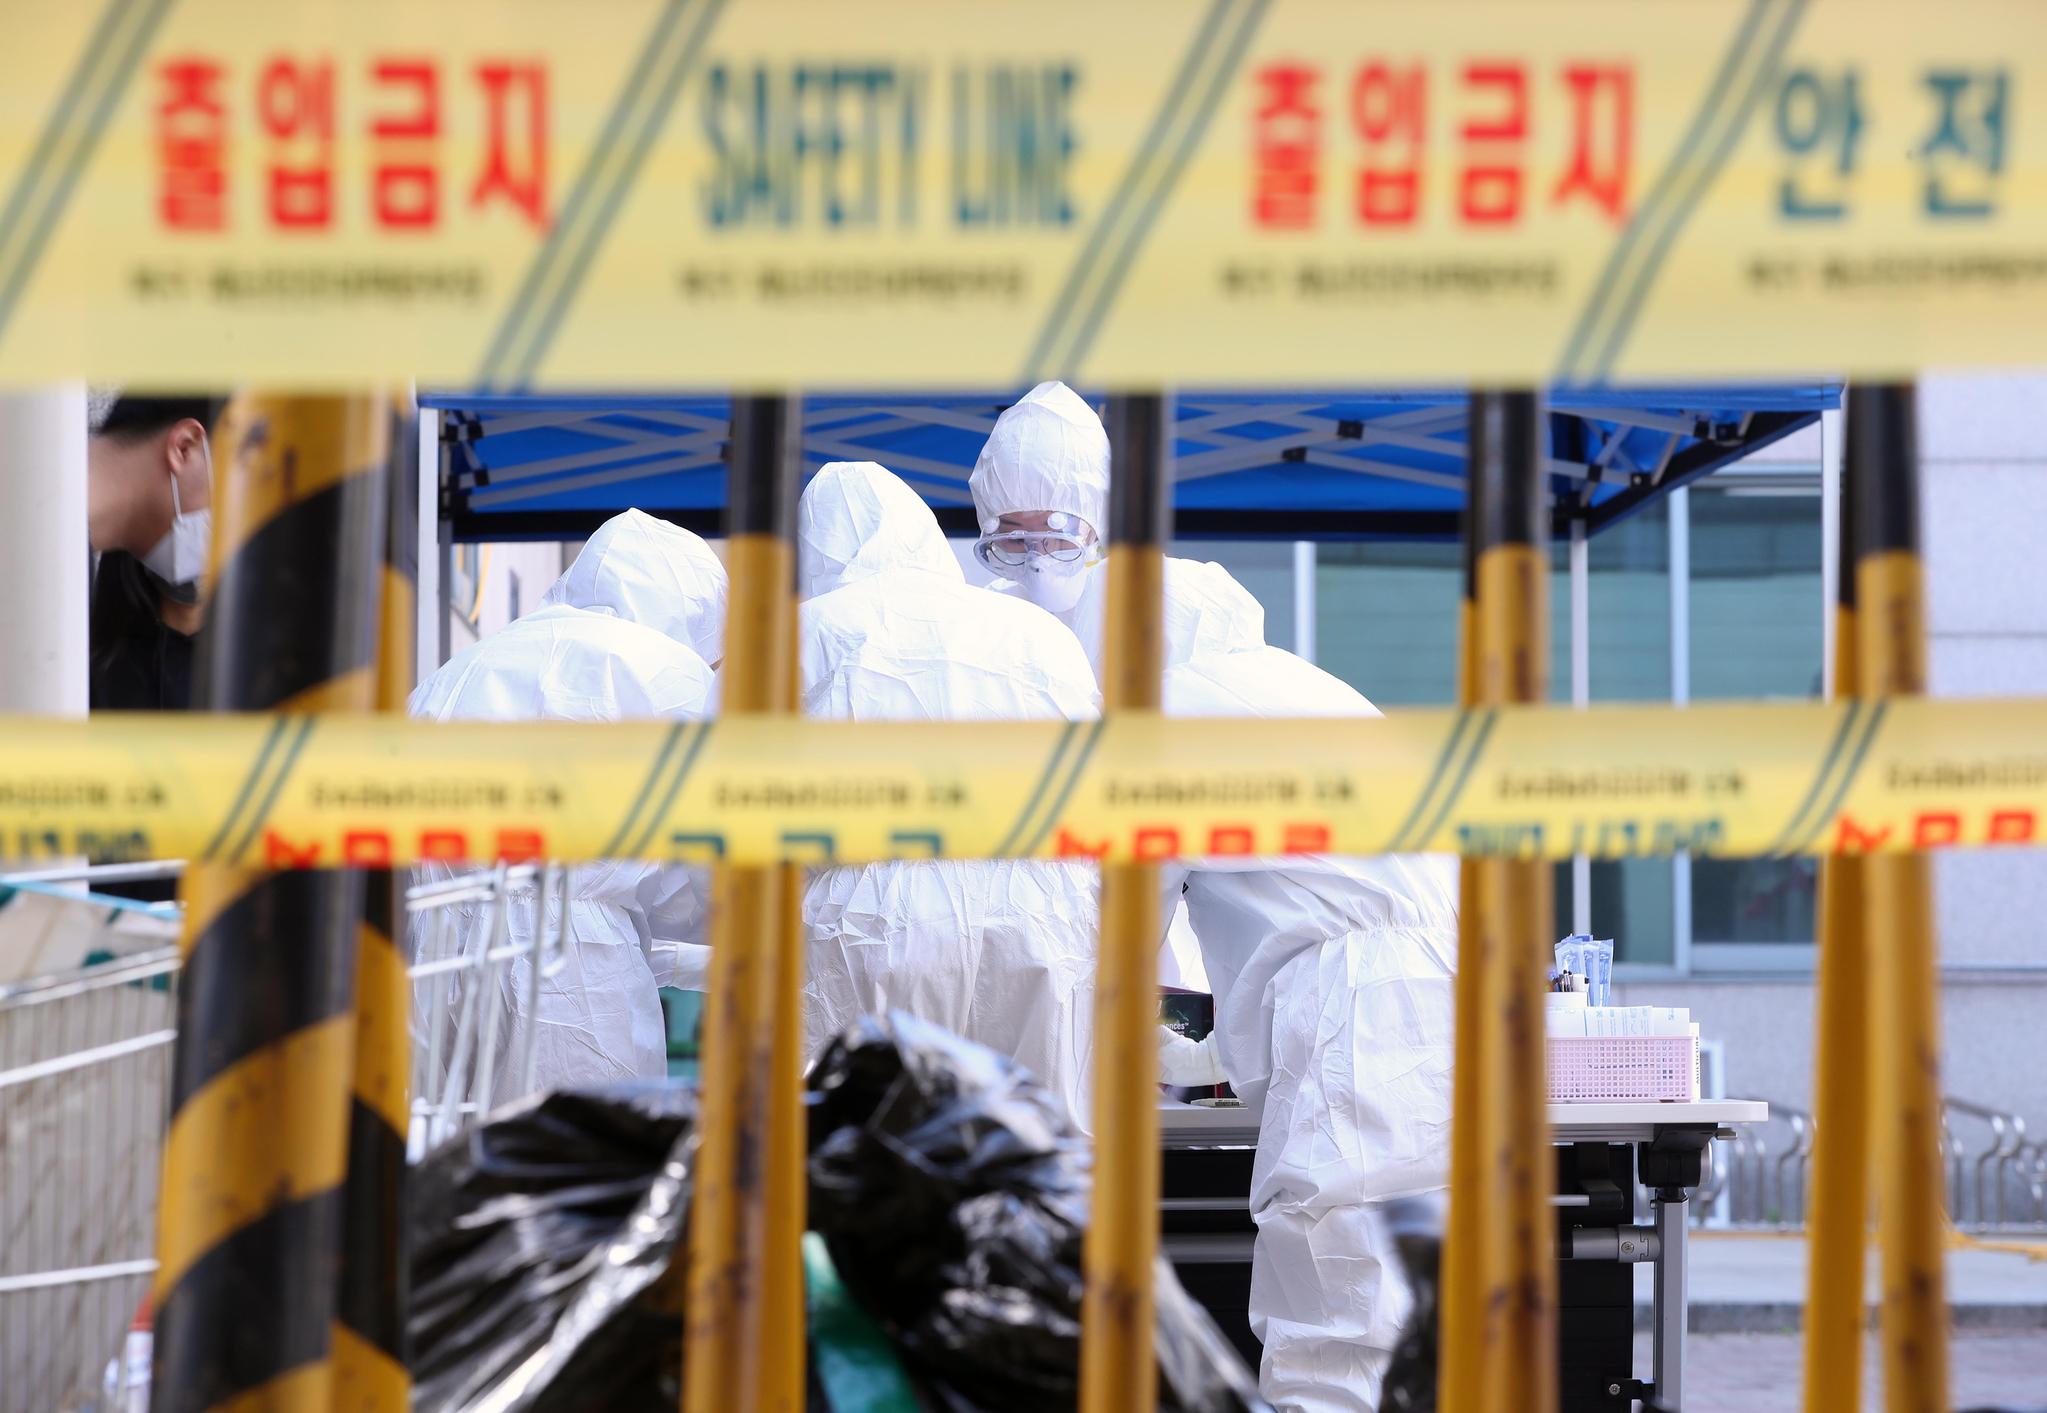 6일 대구시 북구보건소 선별진료소에서 의료진이 진료소를 찾은 시민들의 신종 코로나바이러스 감염증(코로나19) 검사 진행을 위해 분주히 움직이고 있다. 연합뉴스